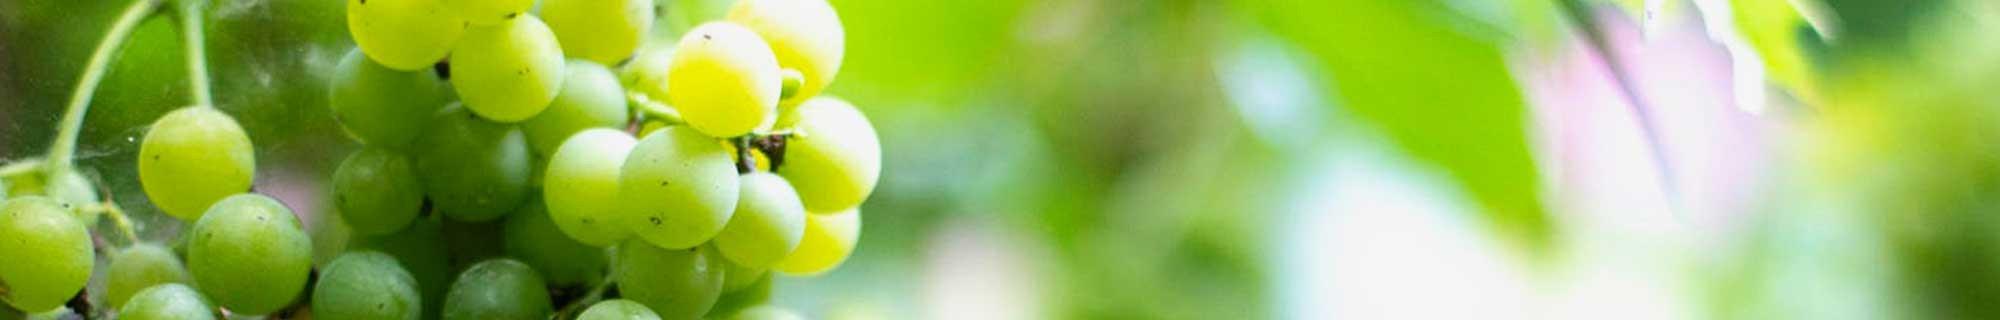 Vini Bianchi Siciliani Pregiati Vendita Online su Tipicosiciliano